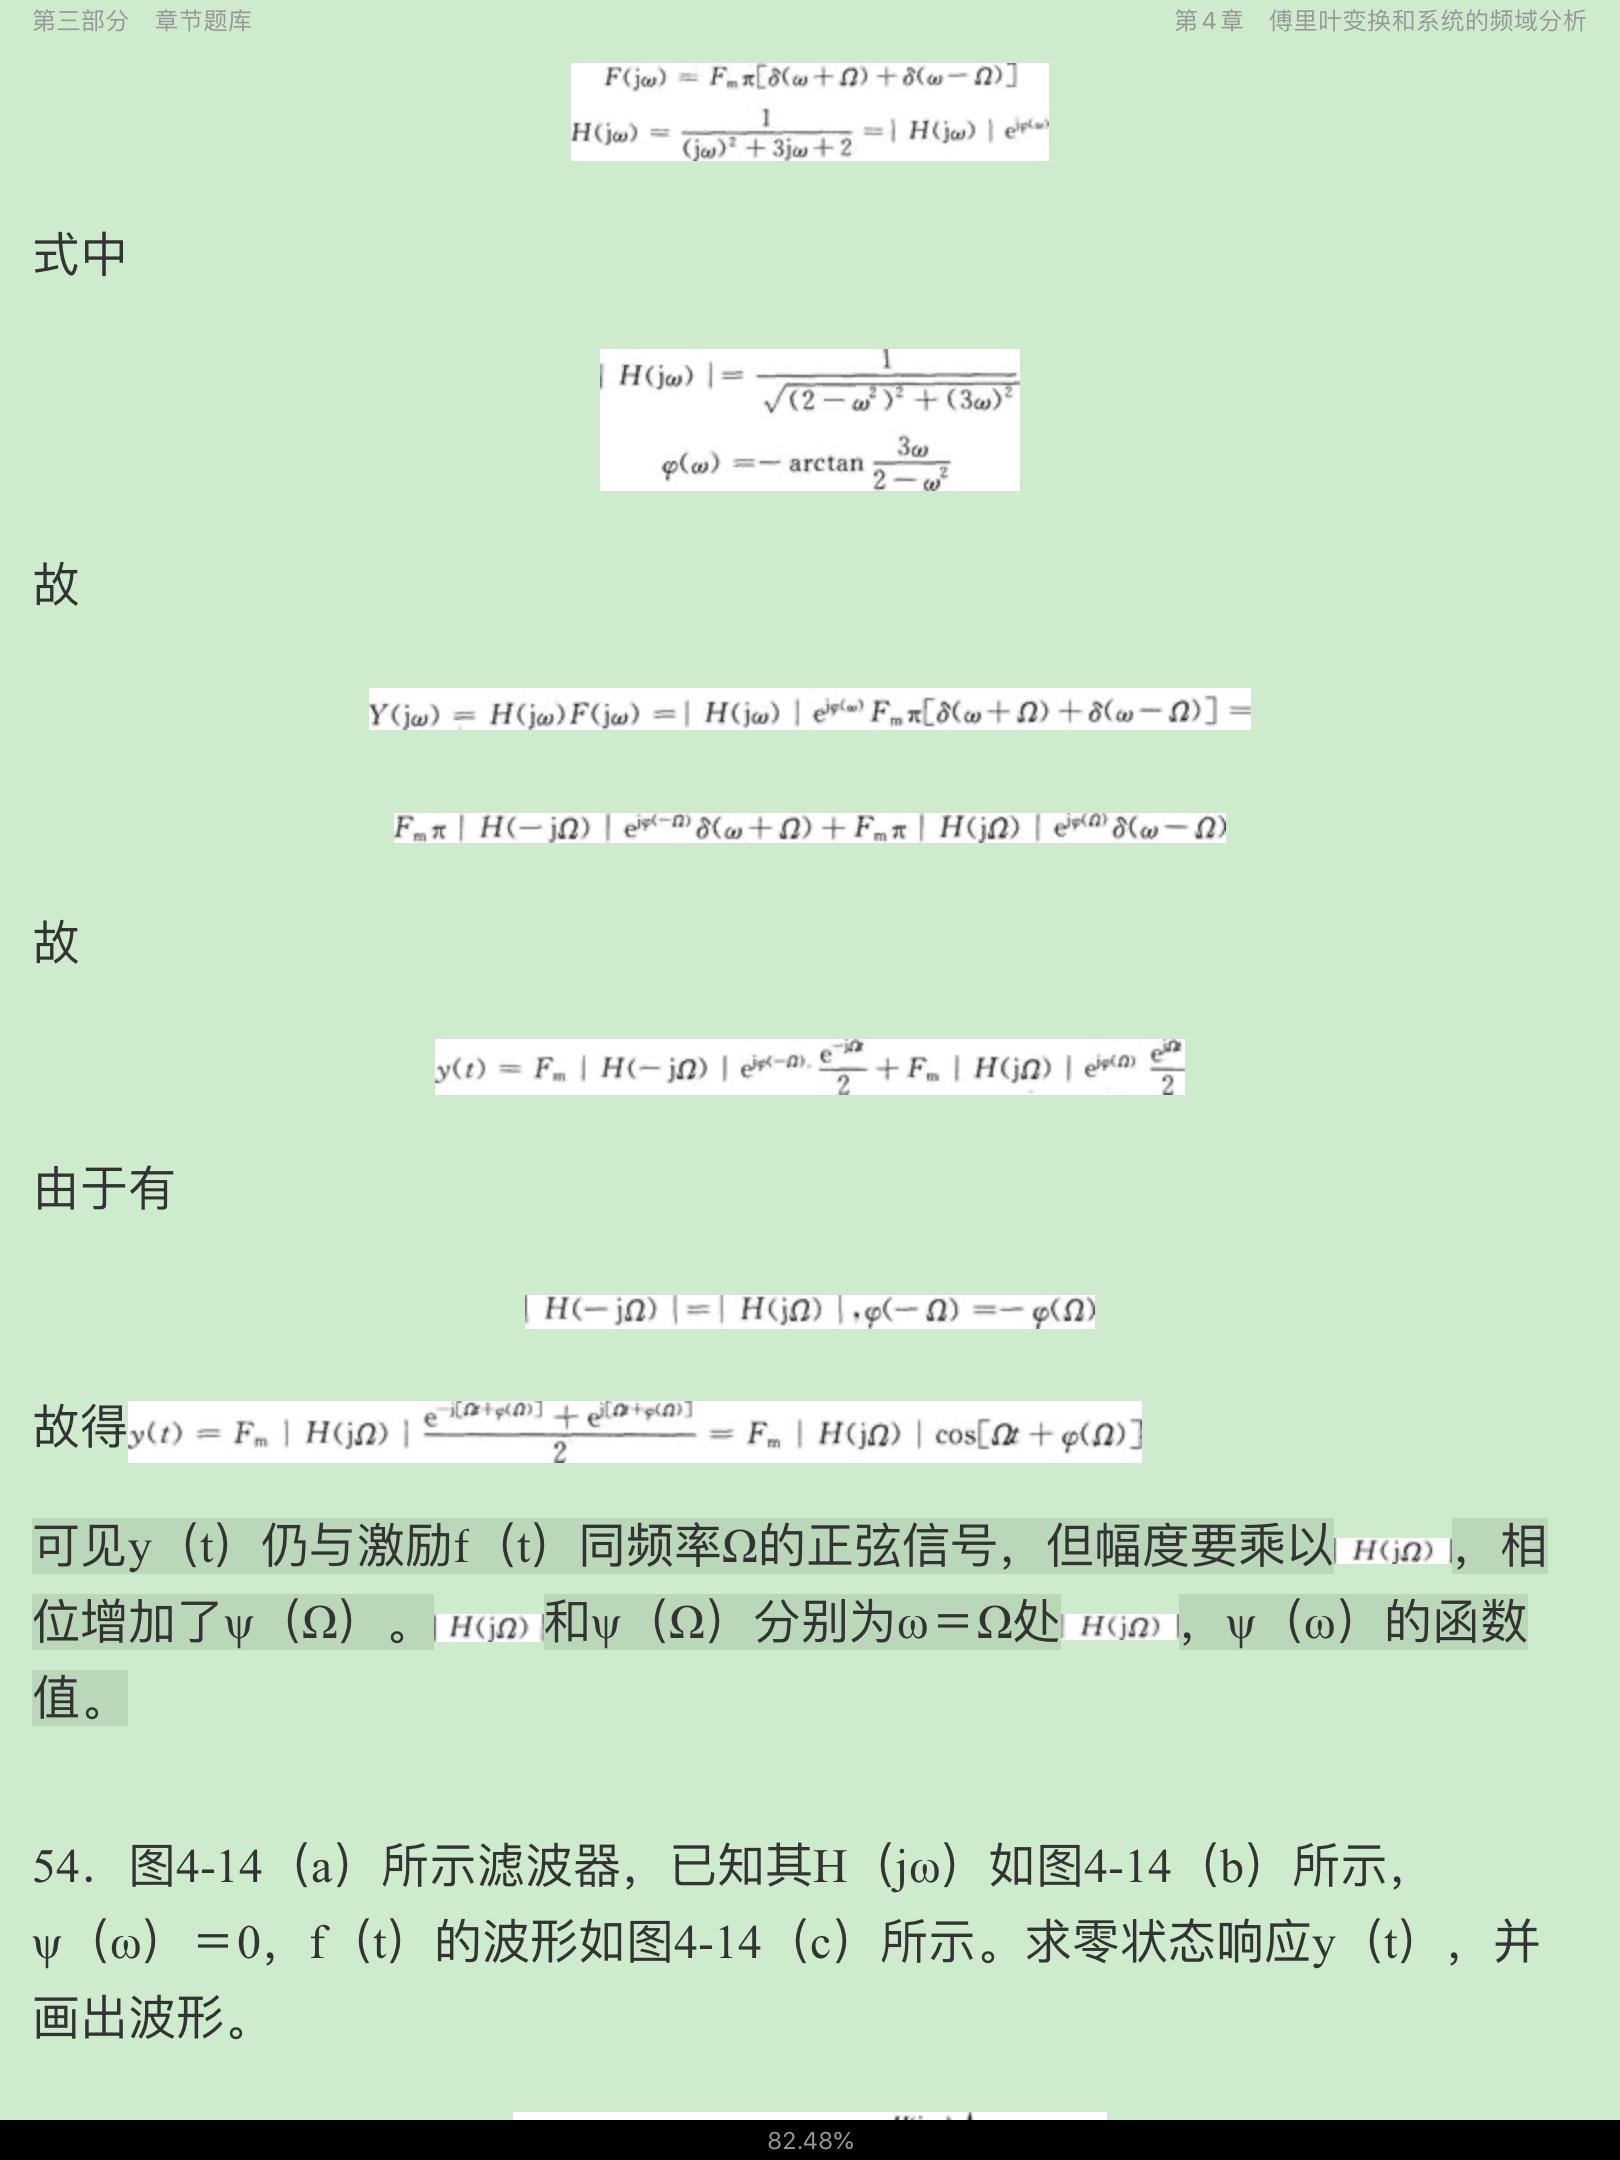 吴大正《信号与线性系统分析》(第4版)配套题库【考研真题精选+章节题库】(上册)